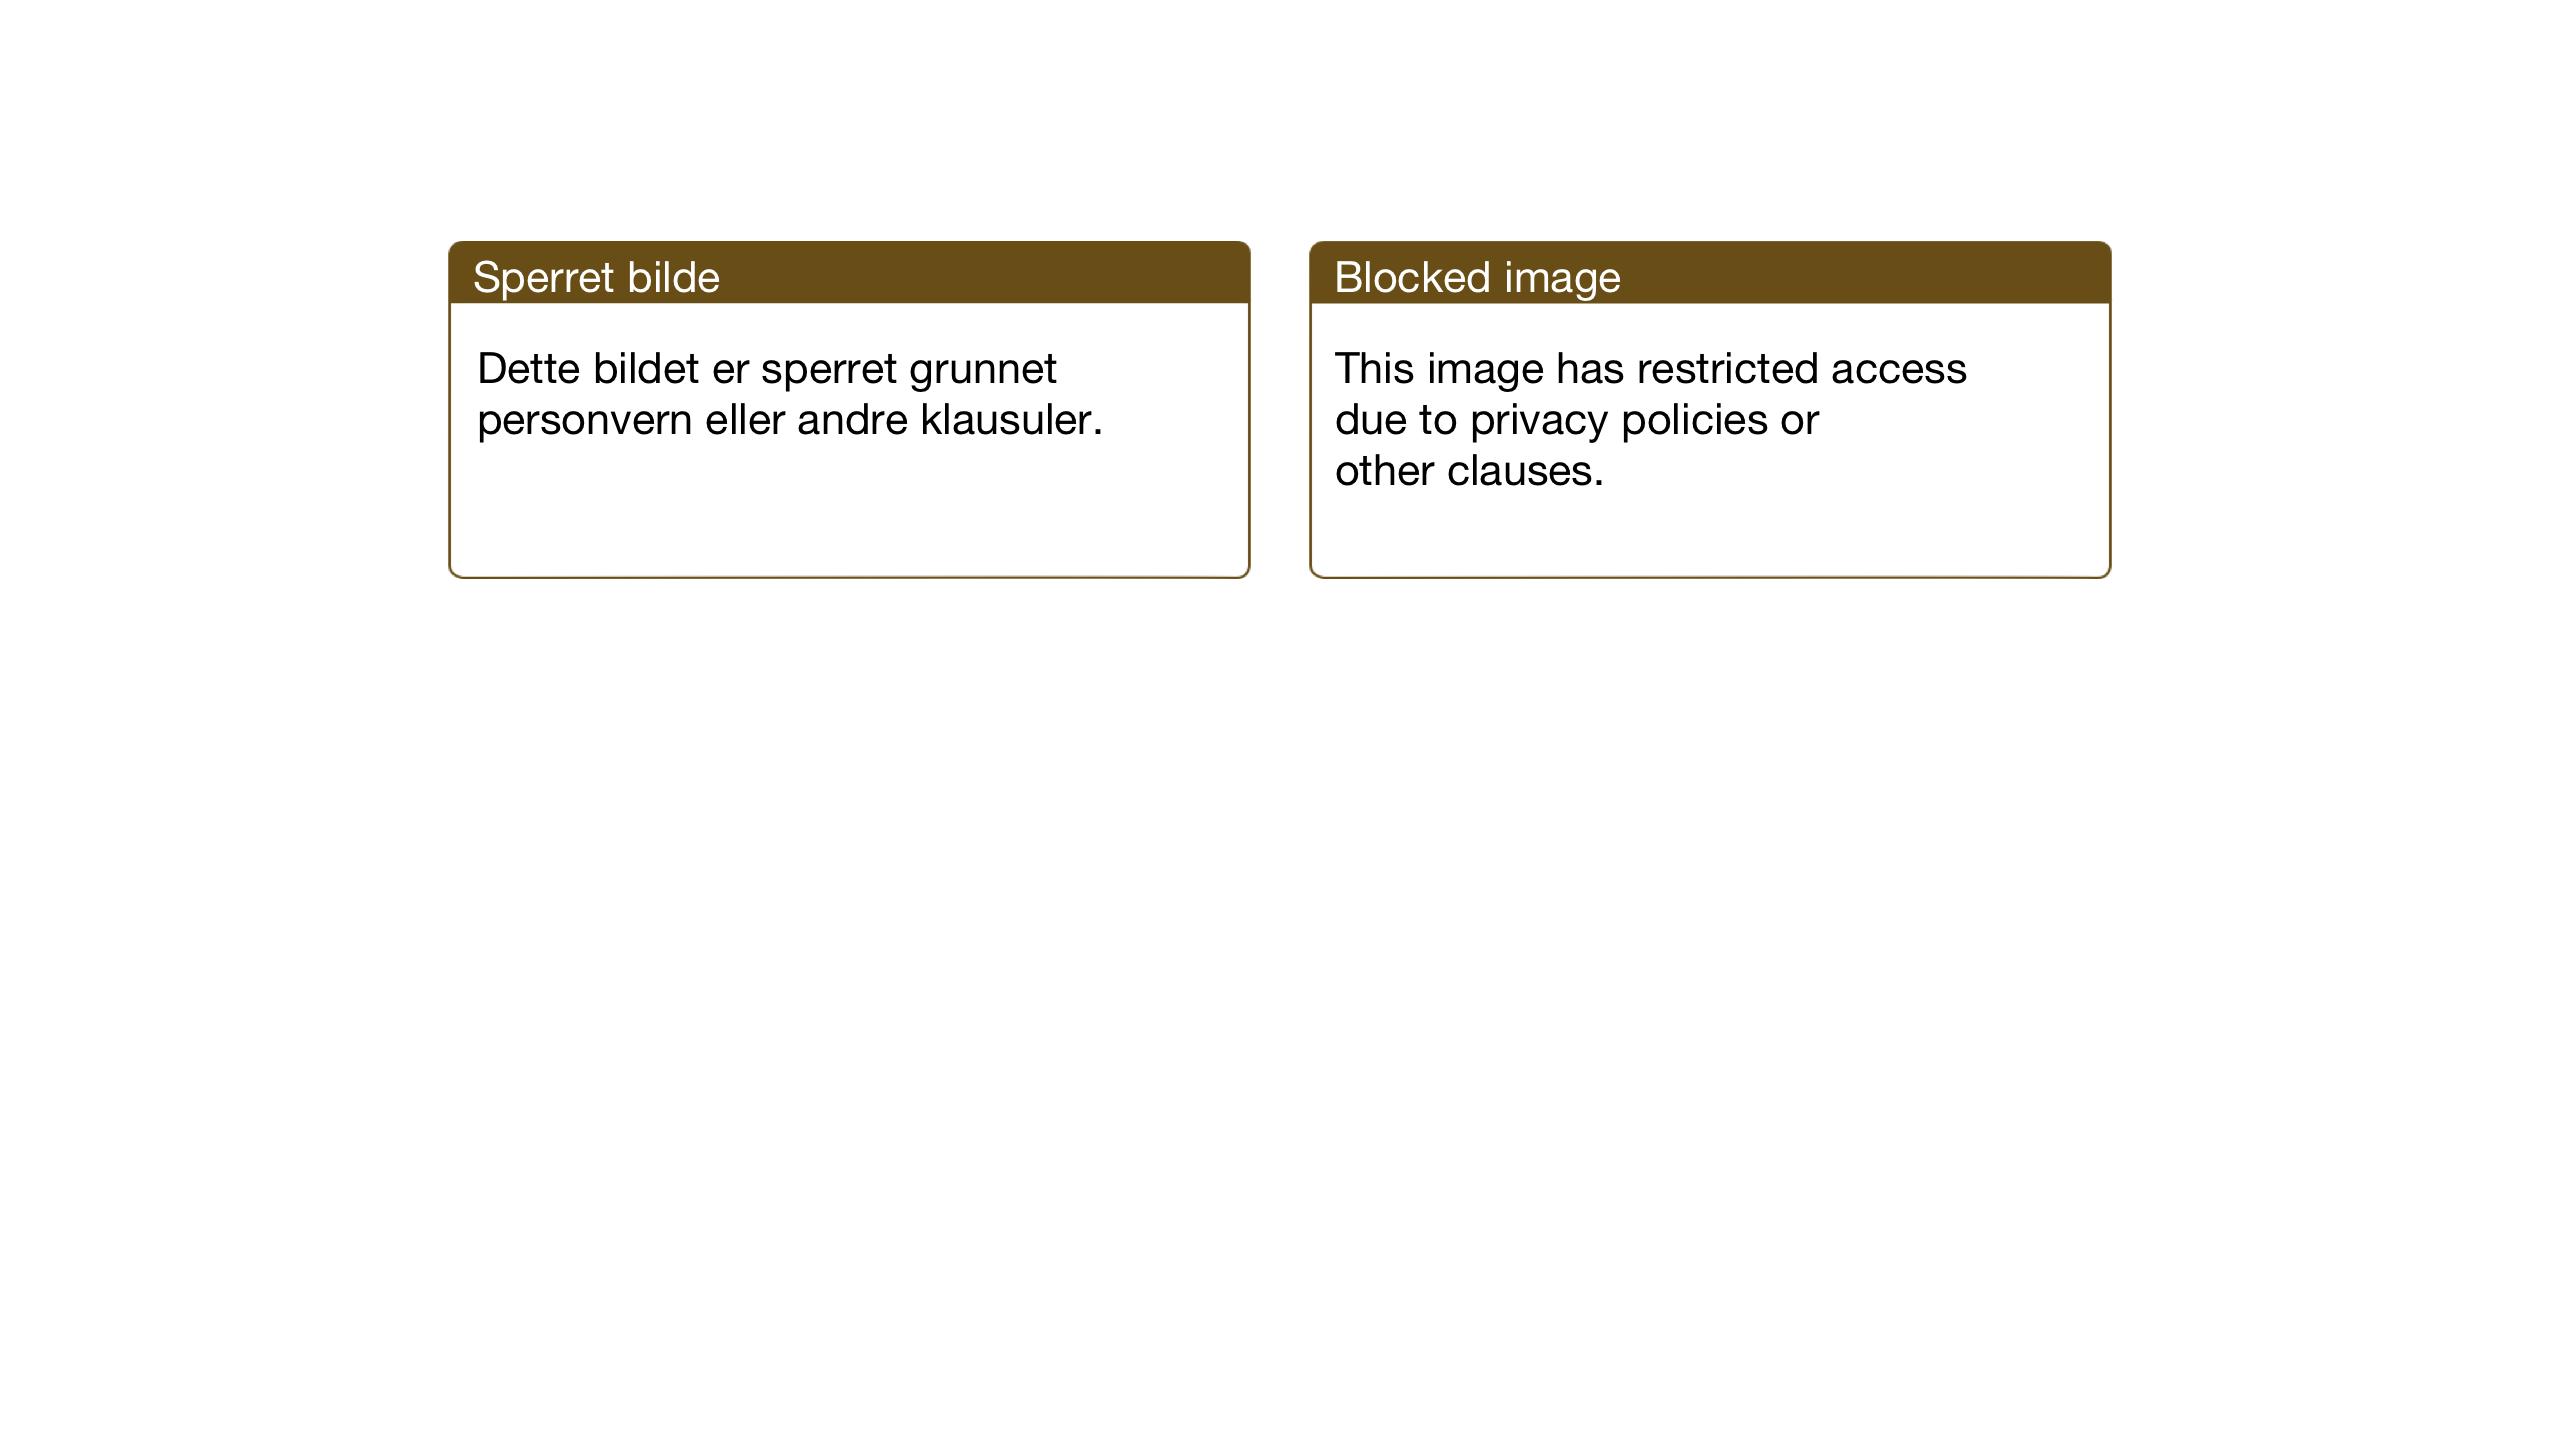 SAT, Ministerialprotokoller, klokkerbøker og fødselsregistre - Sør-Trøndelag, 615/L0401: Klokkerbok nr. 615C02, 1922-1941, s. 42